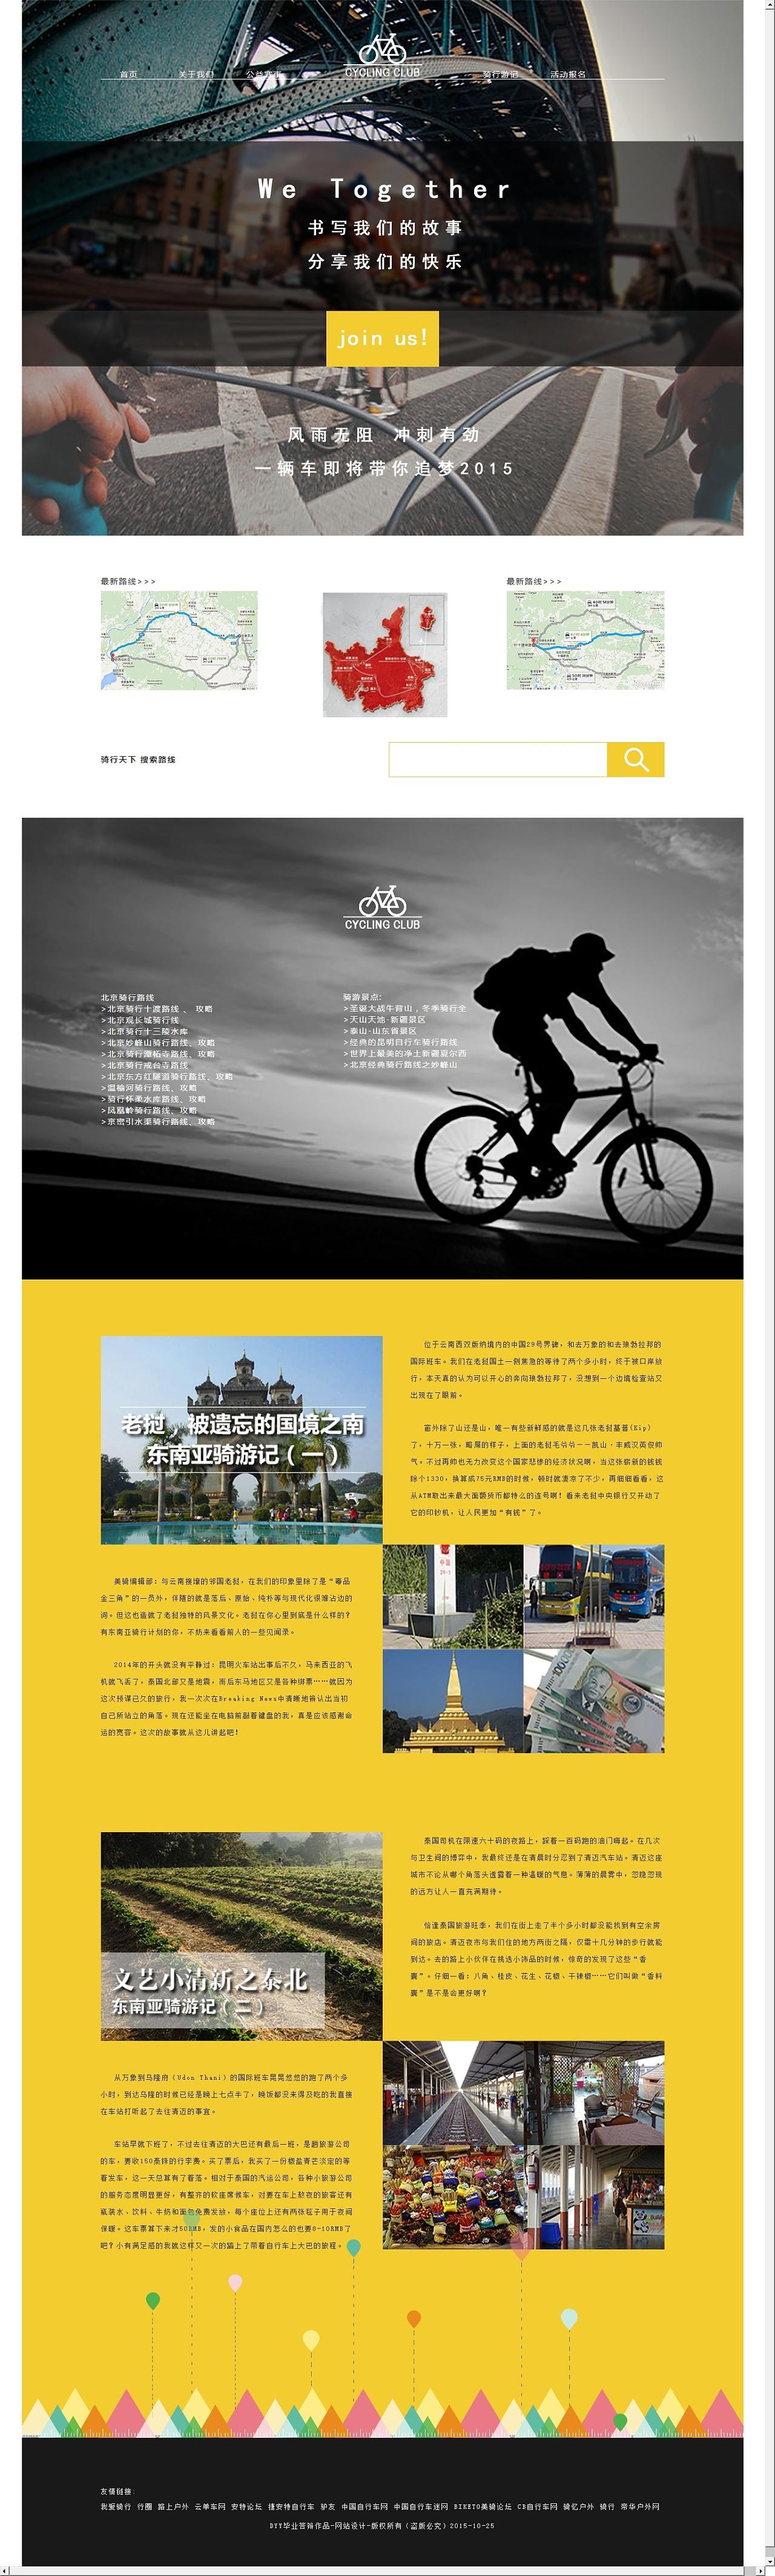 北京骑行俱乐部_Cycling Club-自行车俱乐部-网站设计 网页 门户/社交 七号鹿人 ...